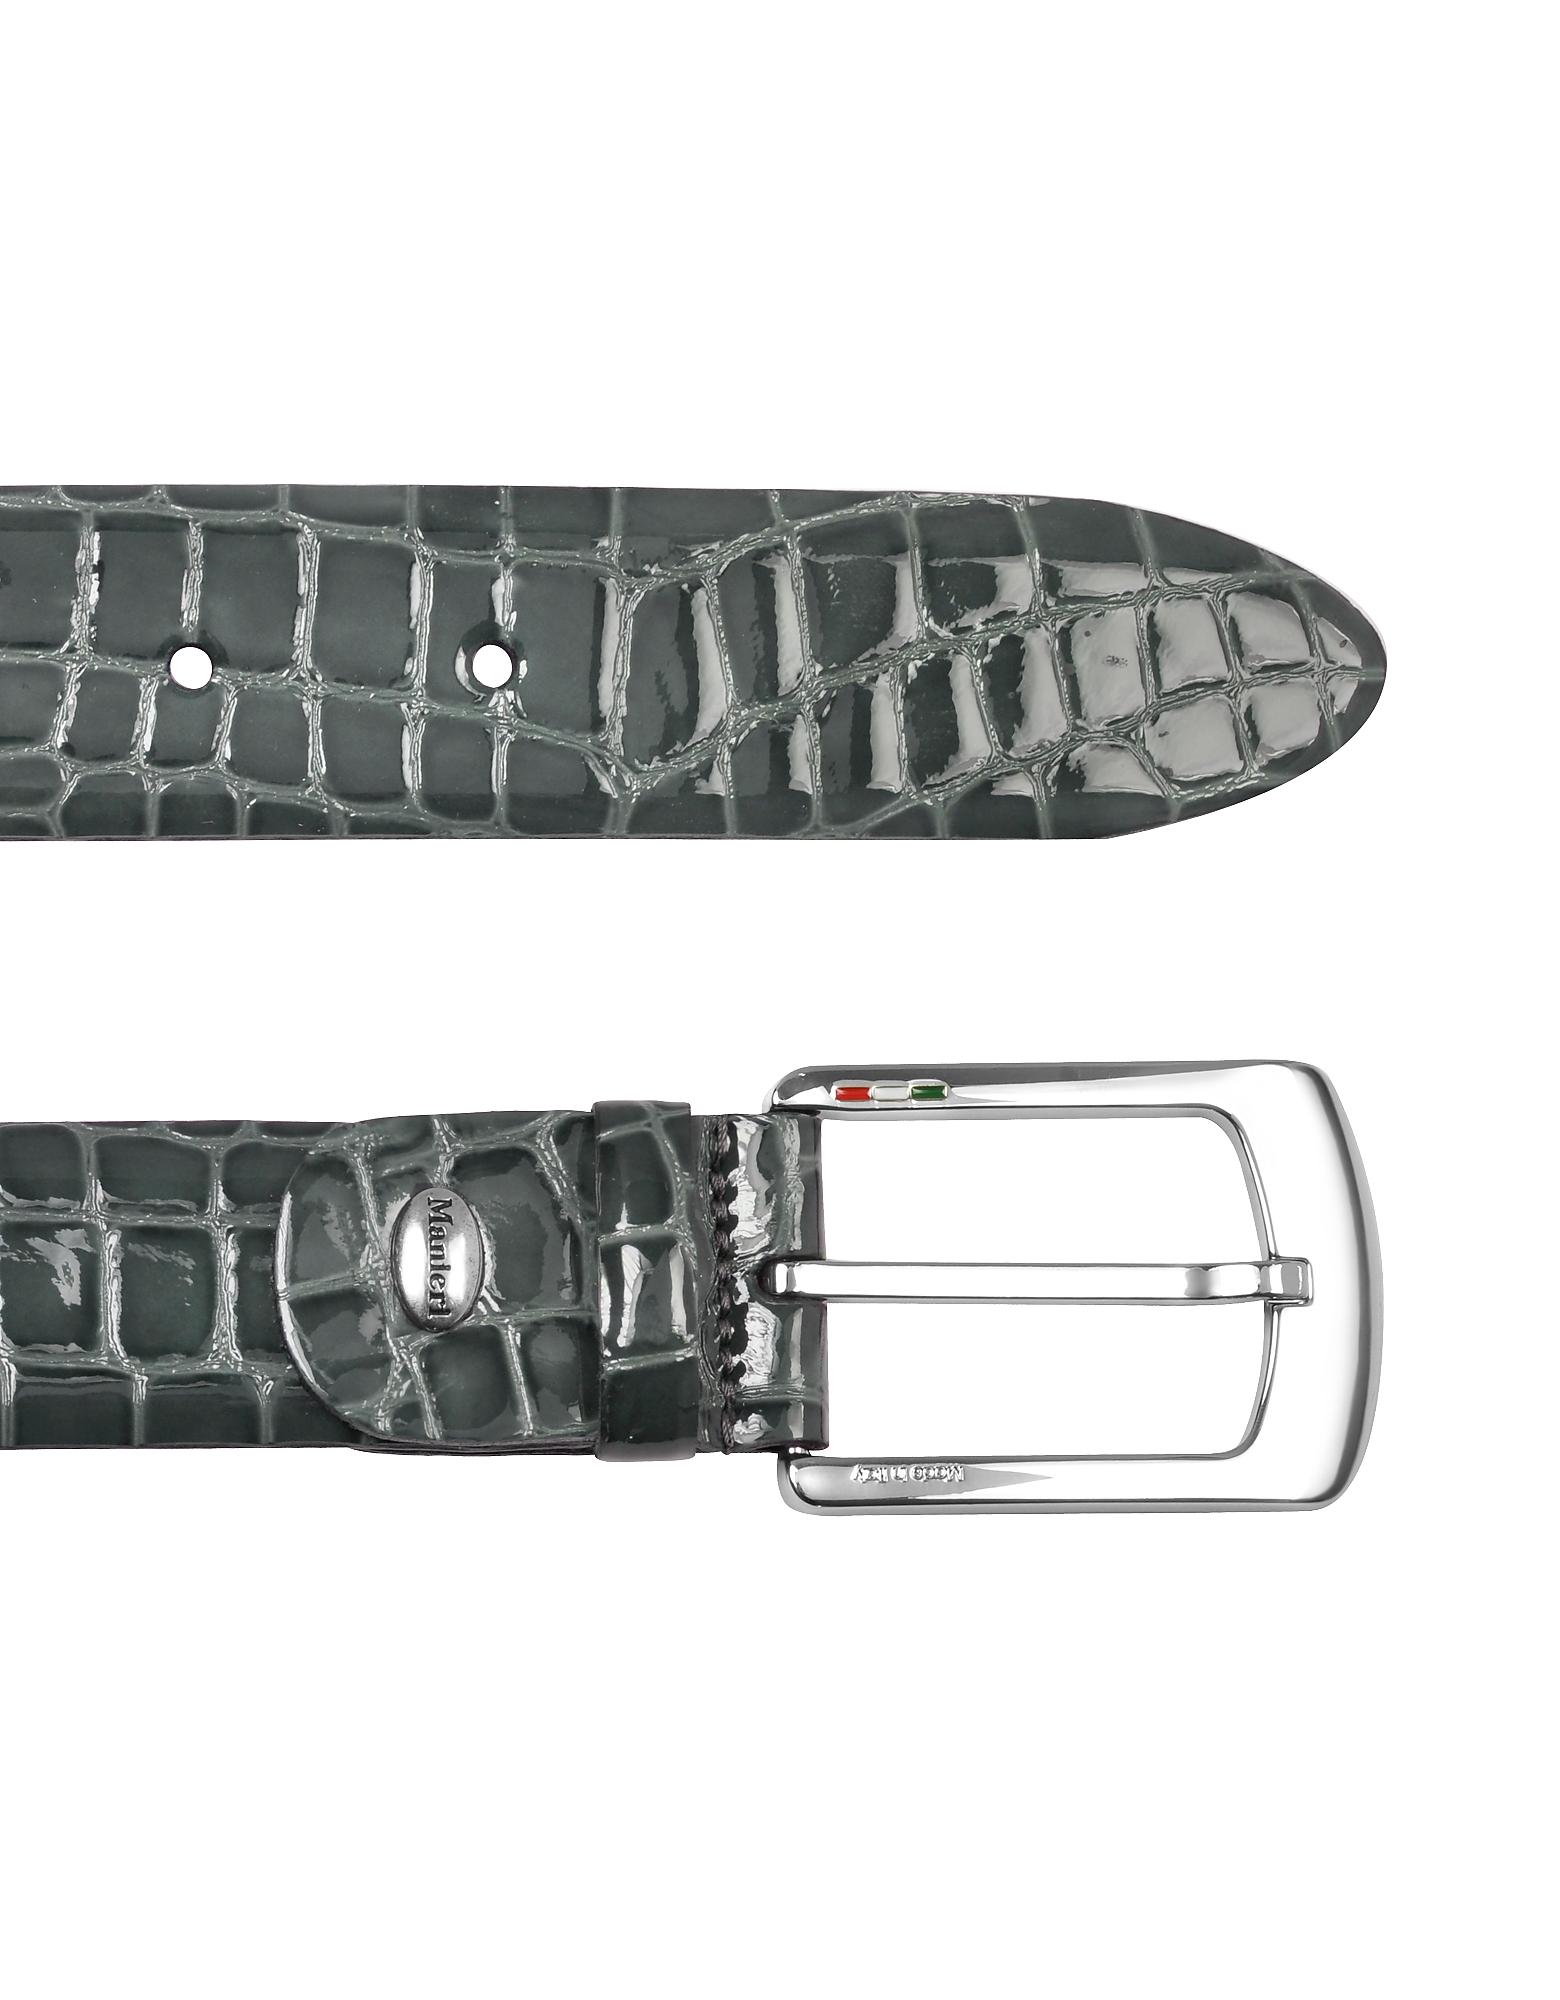 Мужской Серый Ремень из Лакированной Кожи под Крокодиловую